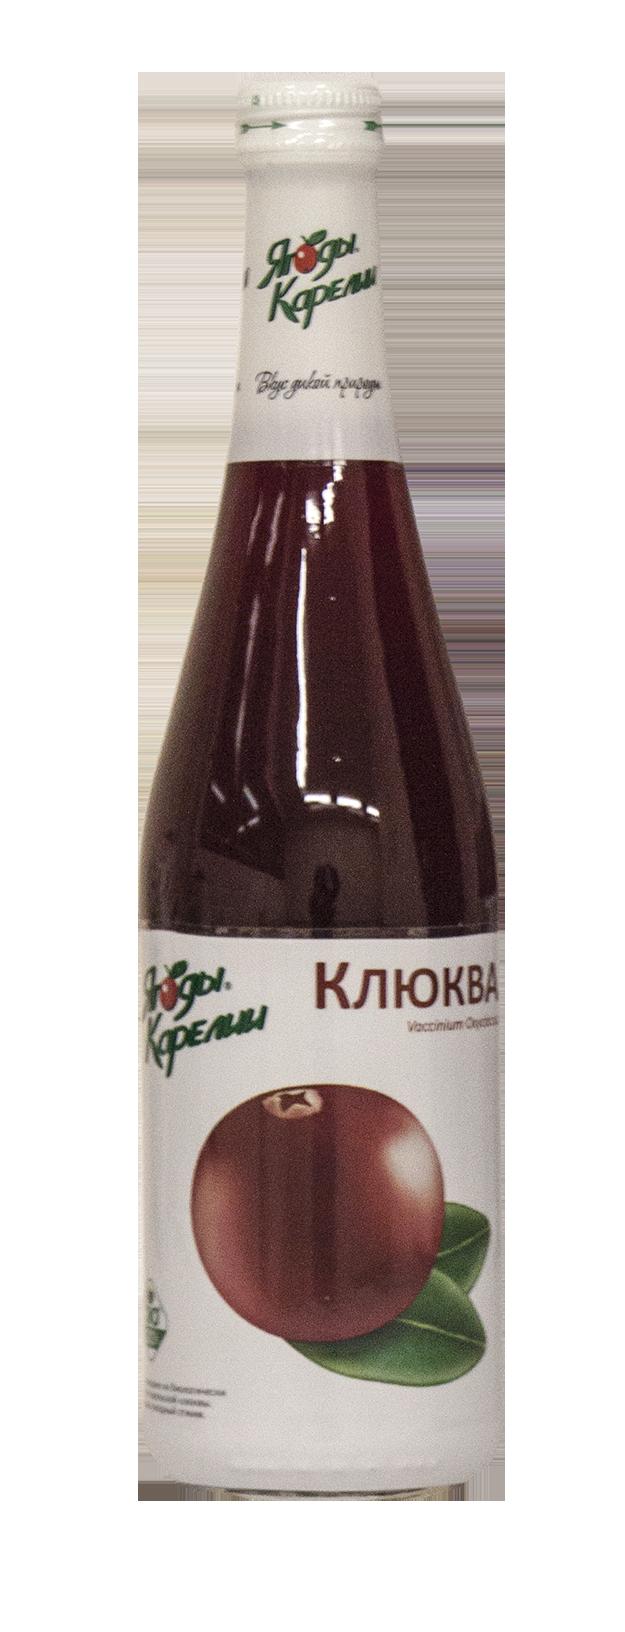 Нектар клюква Ягоды Карелии 510мл прямого отжима, без консервантов, без искусственных добавок